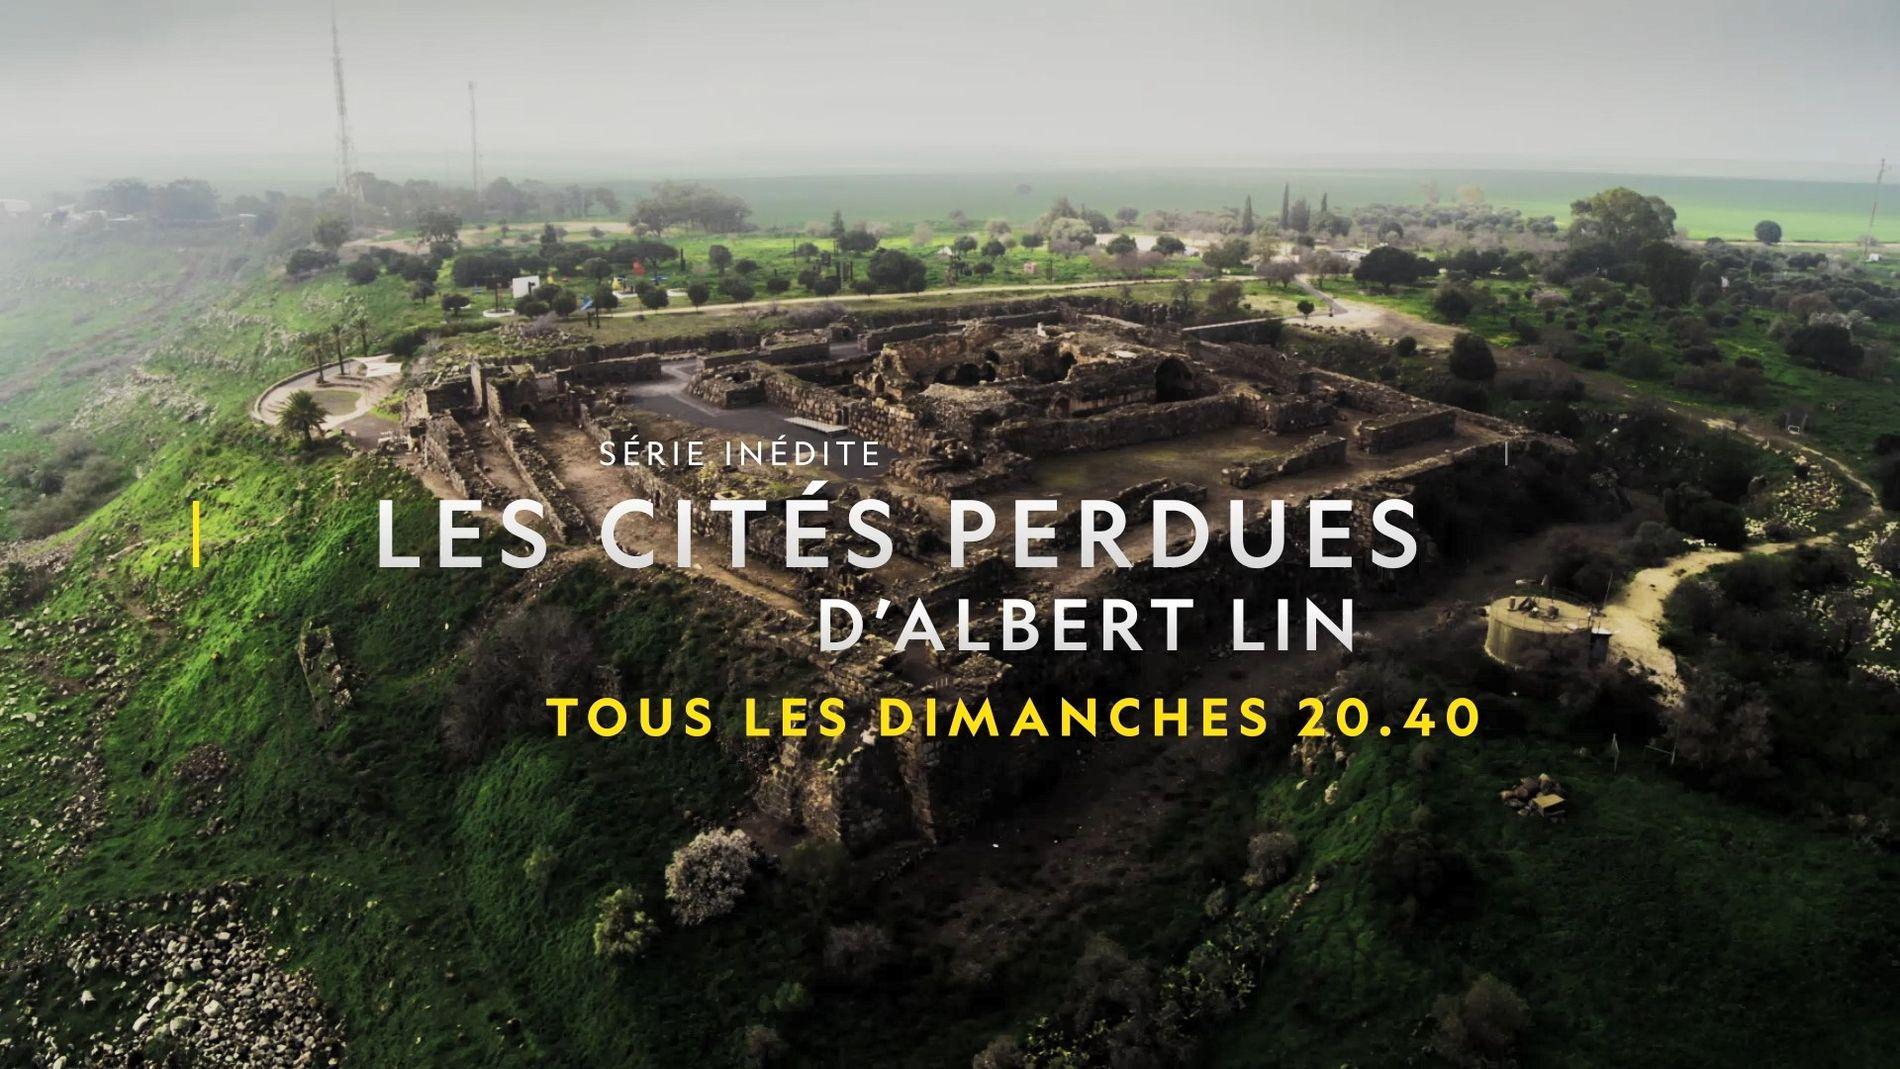 Les cités perdues d'Albert Lin | Bande annonce